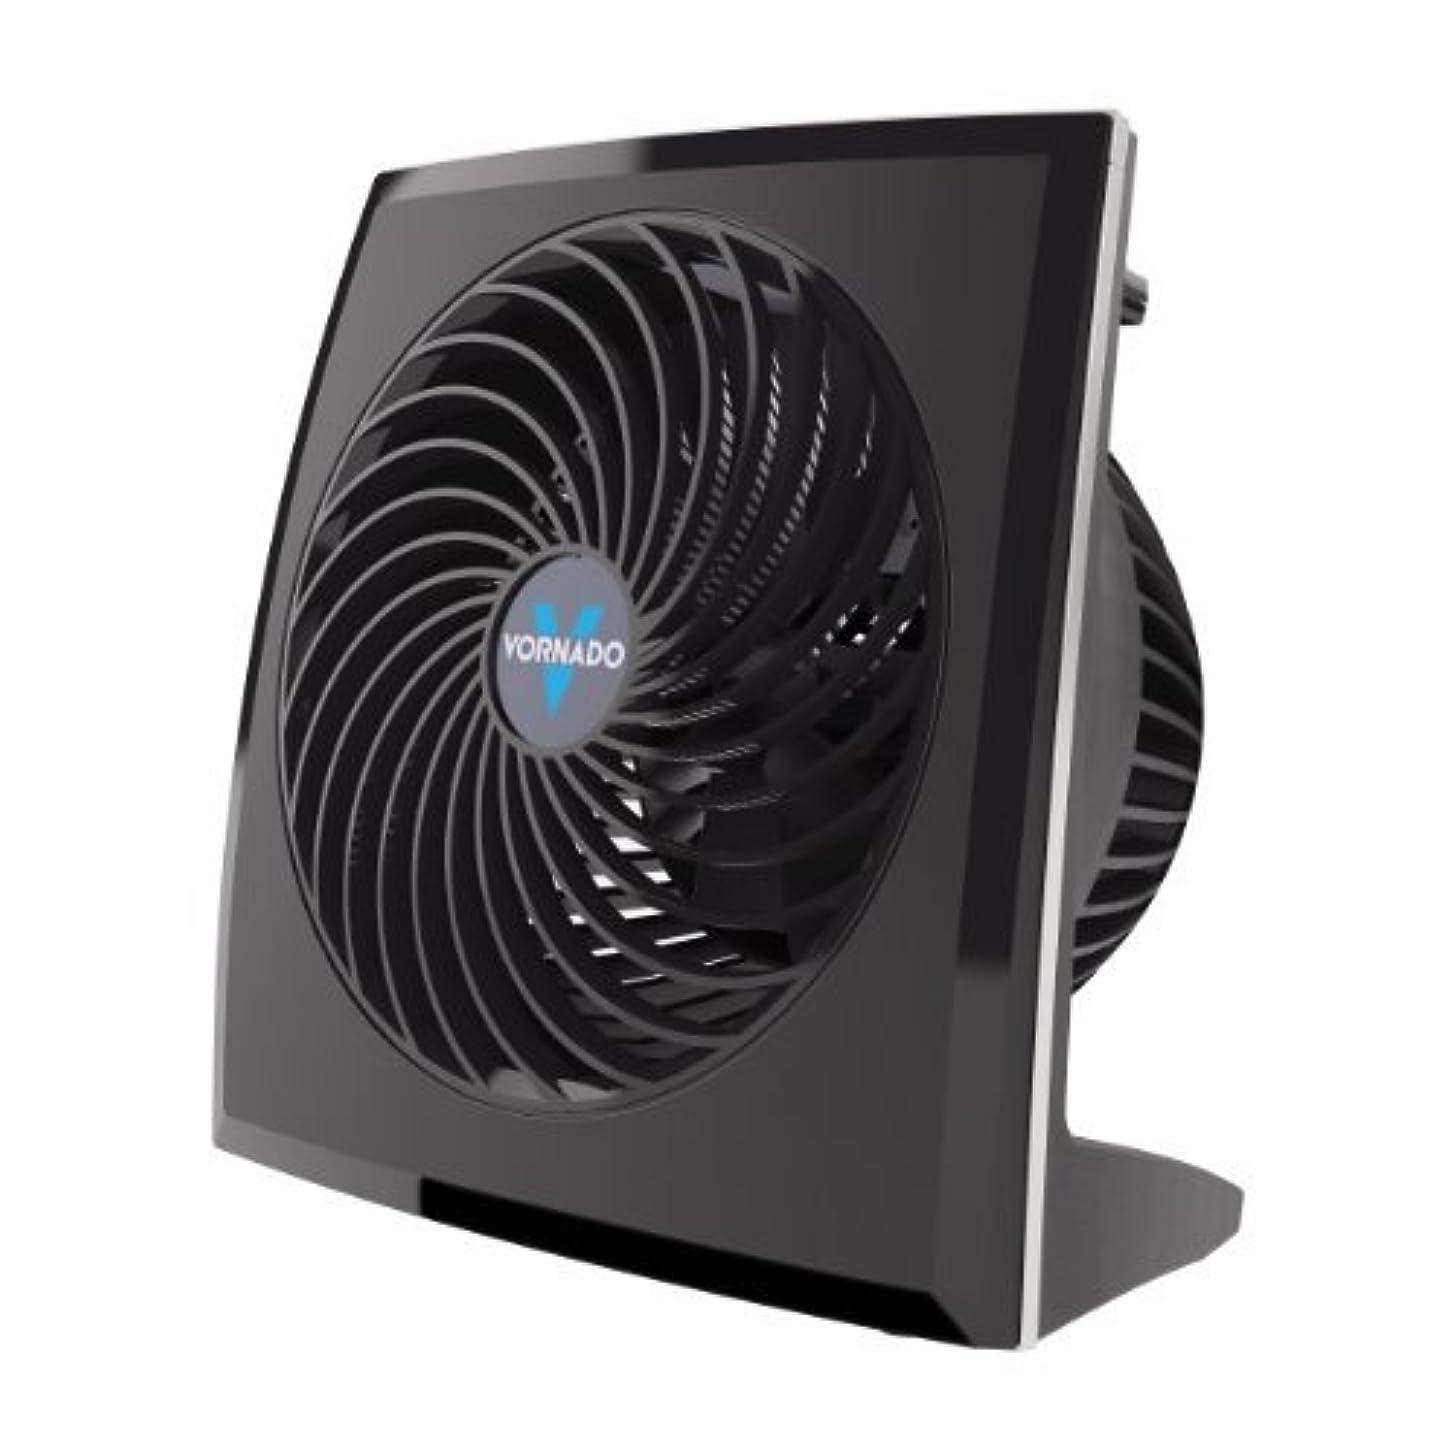 後方にコピーラッカスVornado Air Circulator Mechanical Controls, Whole Room Moves Air Over 60 Ft. 3 Speed Black (並行輸入) 141[並行輸入]